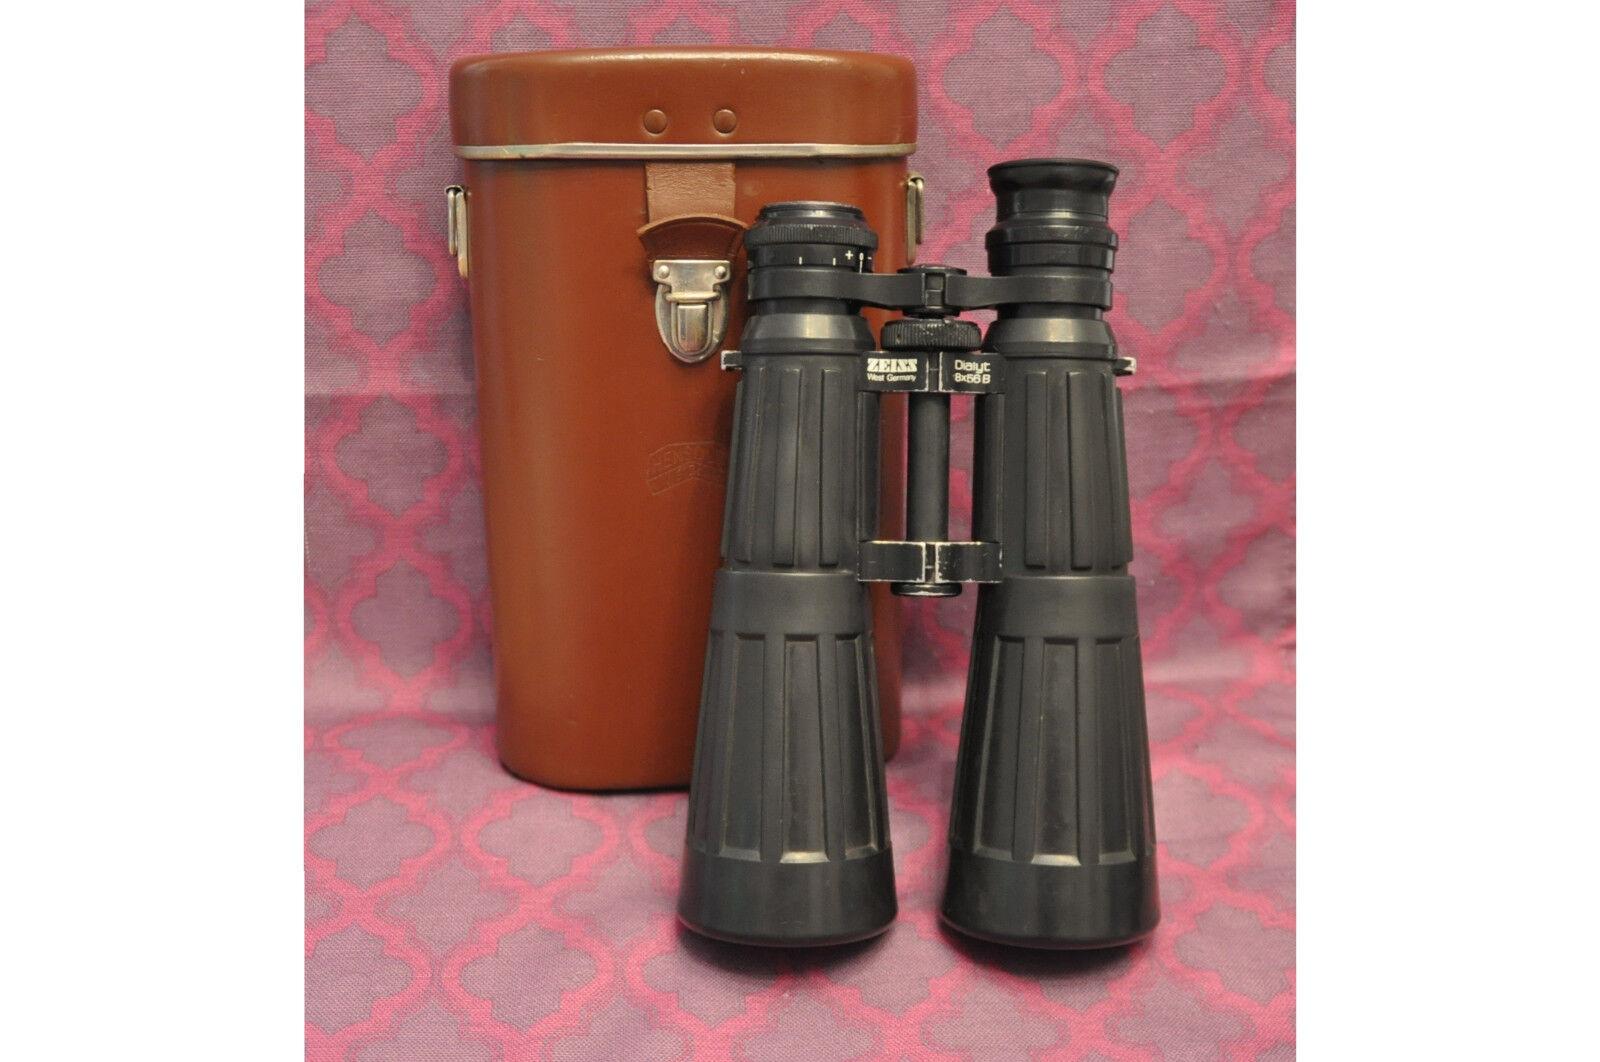 Zeiss Fernglas Mit Entfernungsmesser 10x56 : Zeiss fernglas 8x 56 teleskope & ferngläser